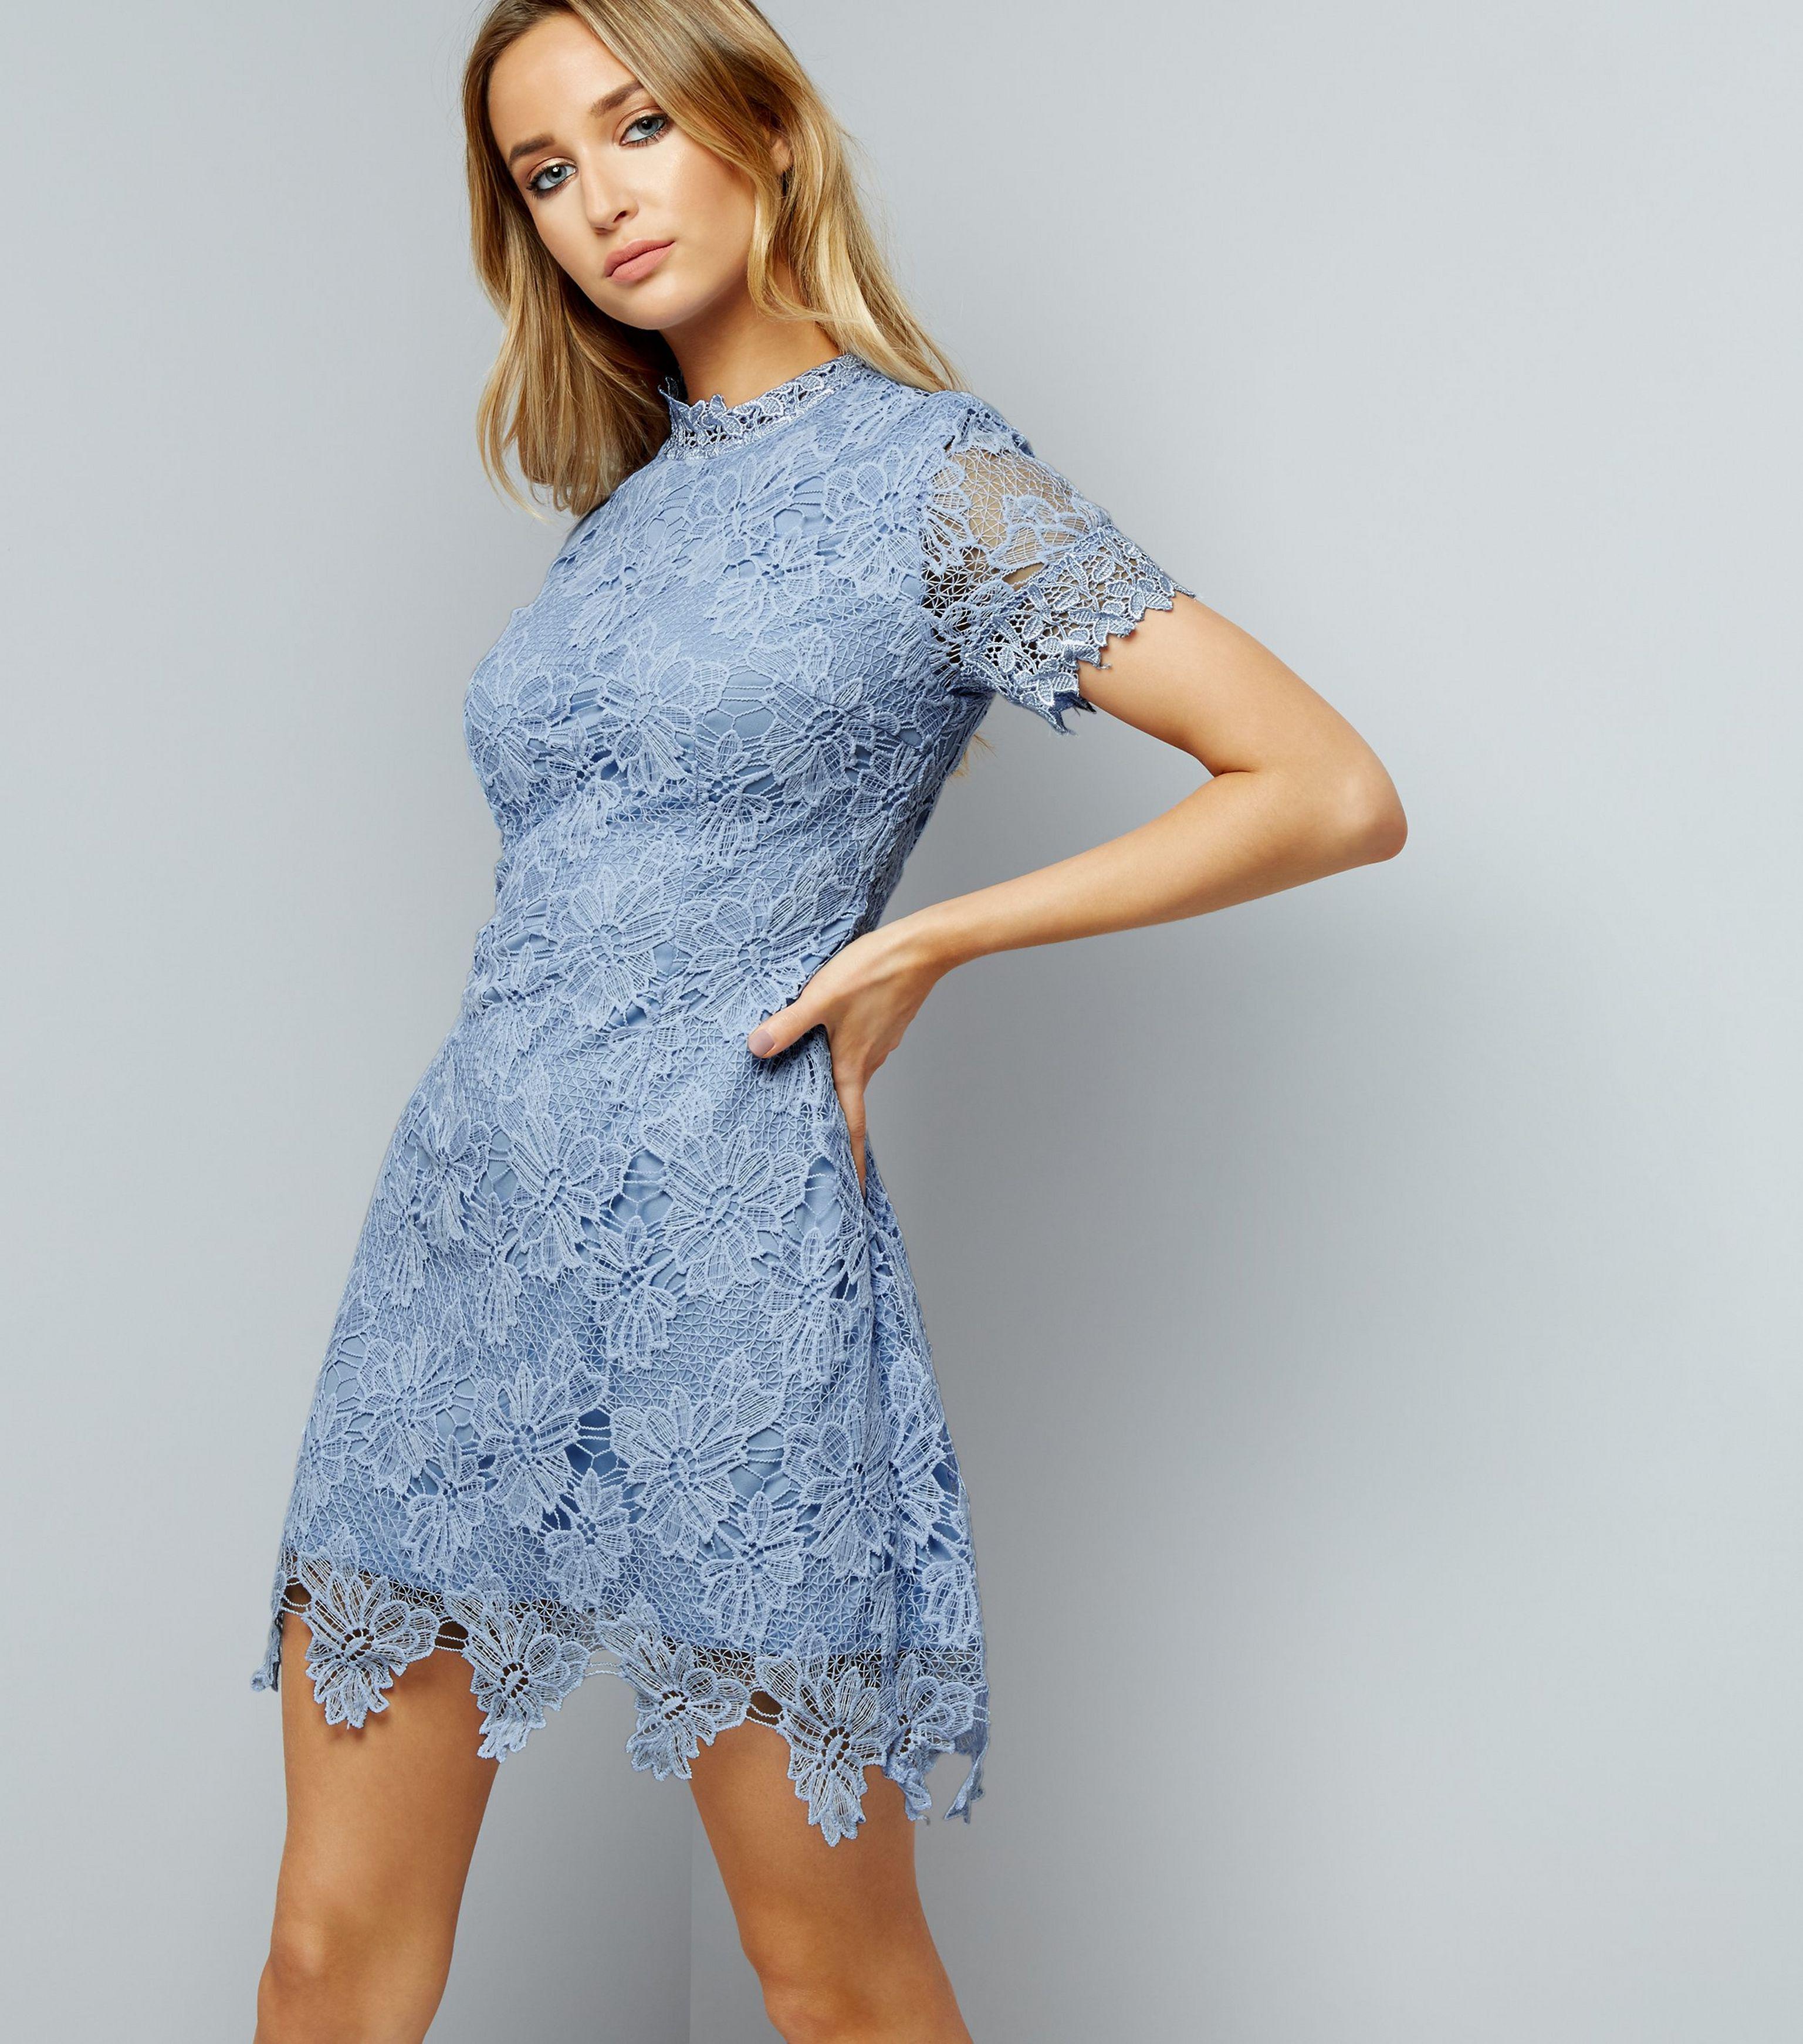 Pale Blue Lace High Neck Dress